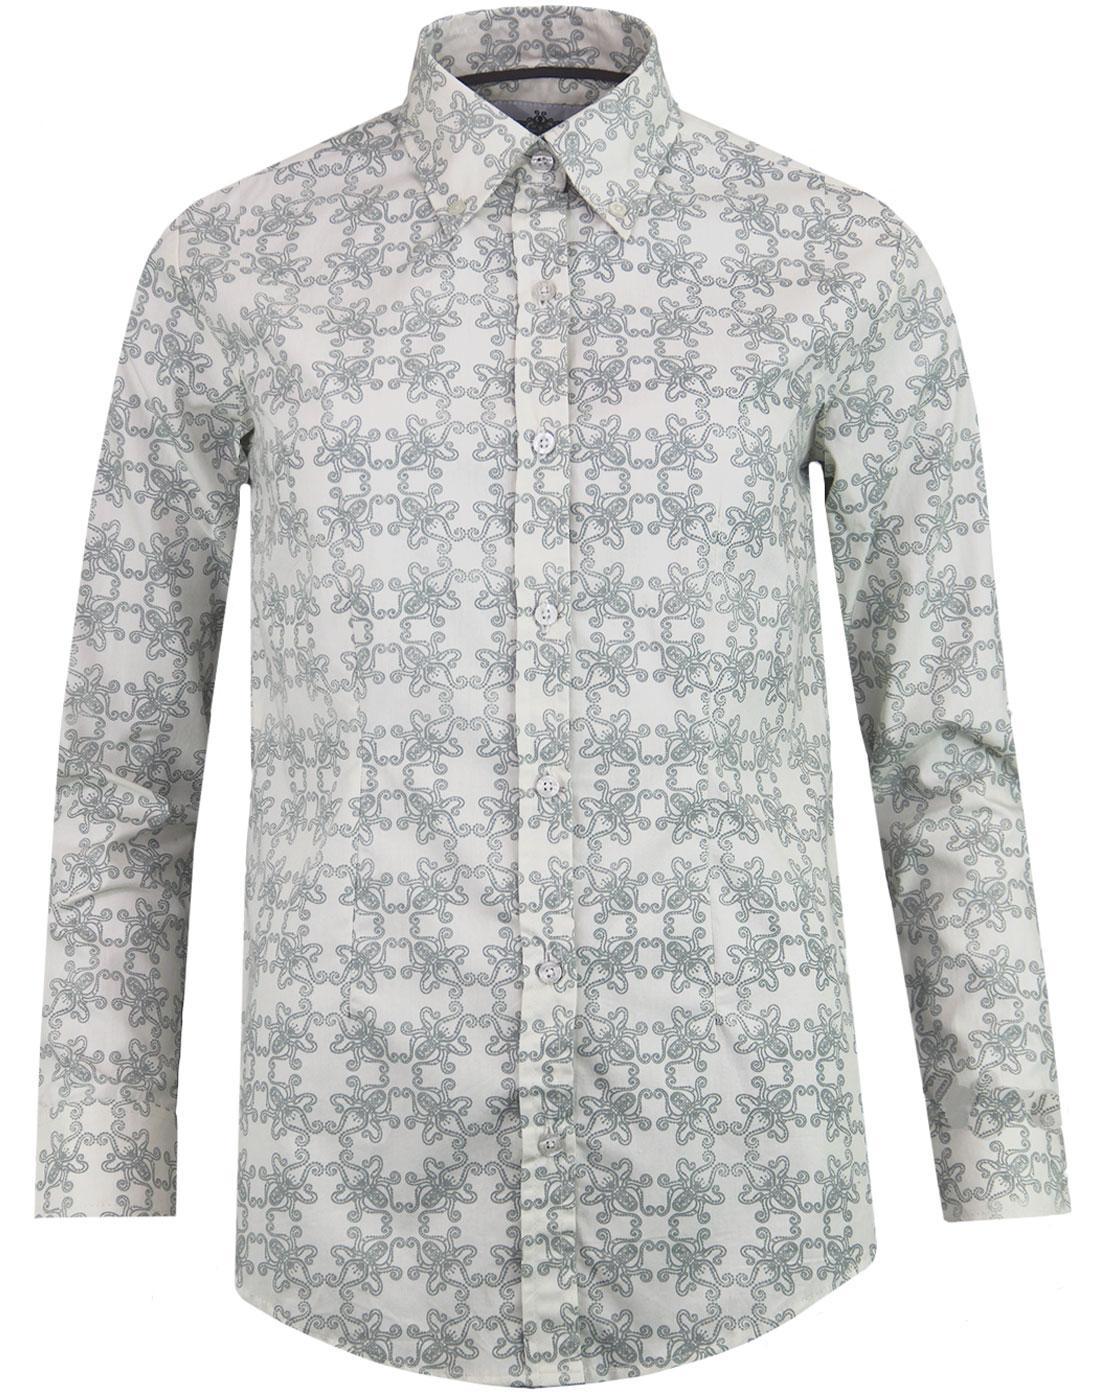 madcap england octavia octopus print shirt grey